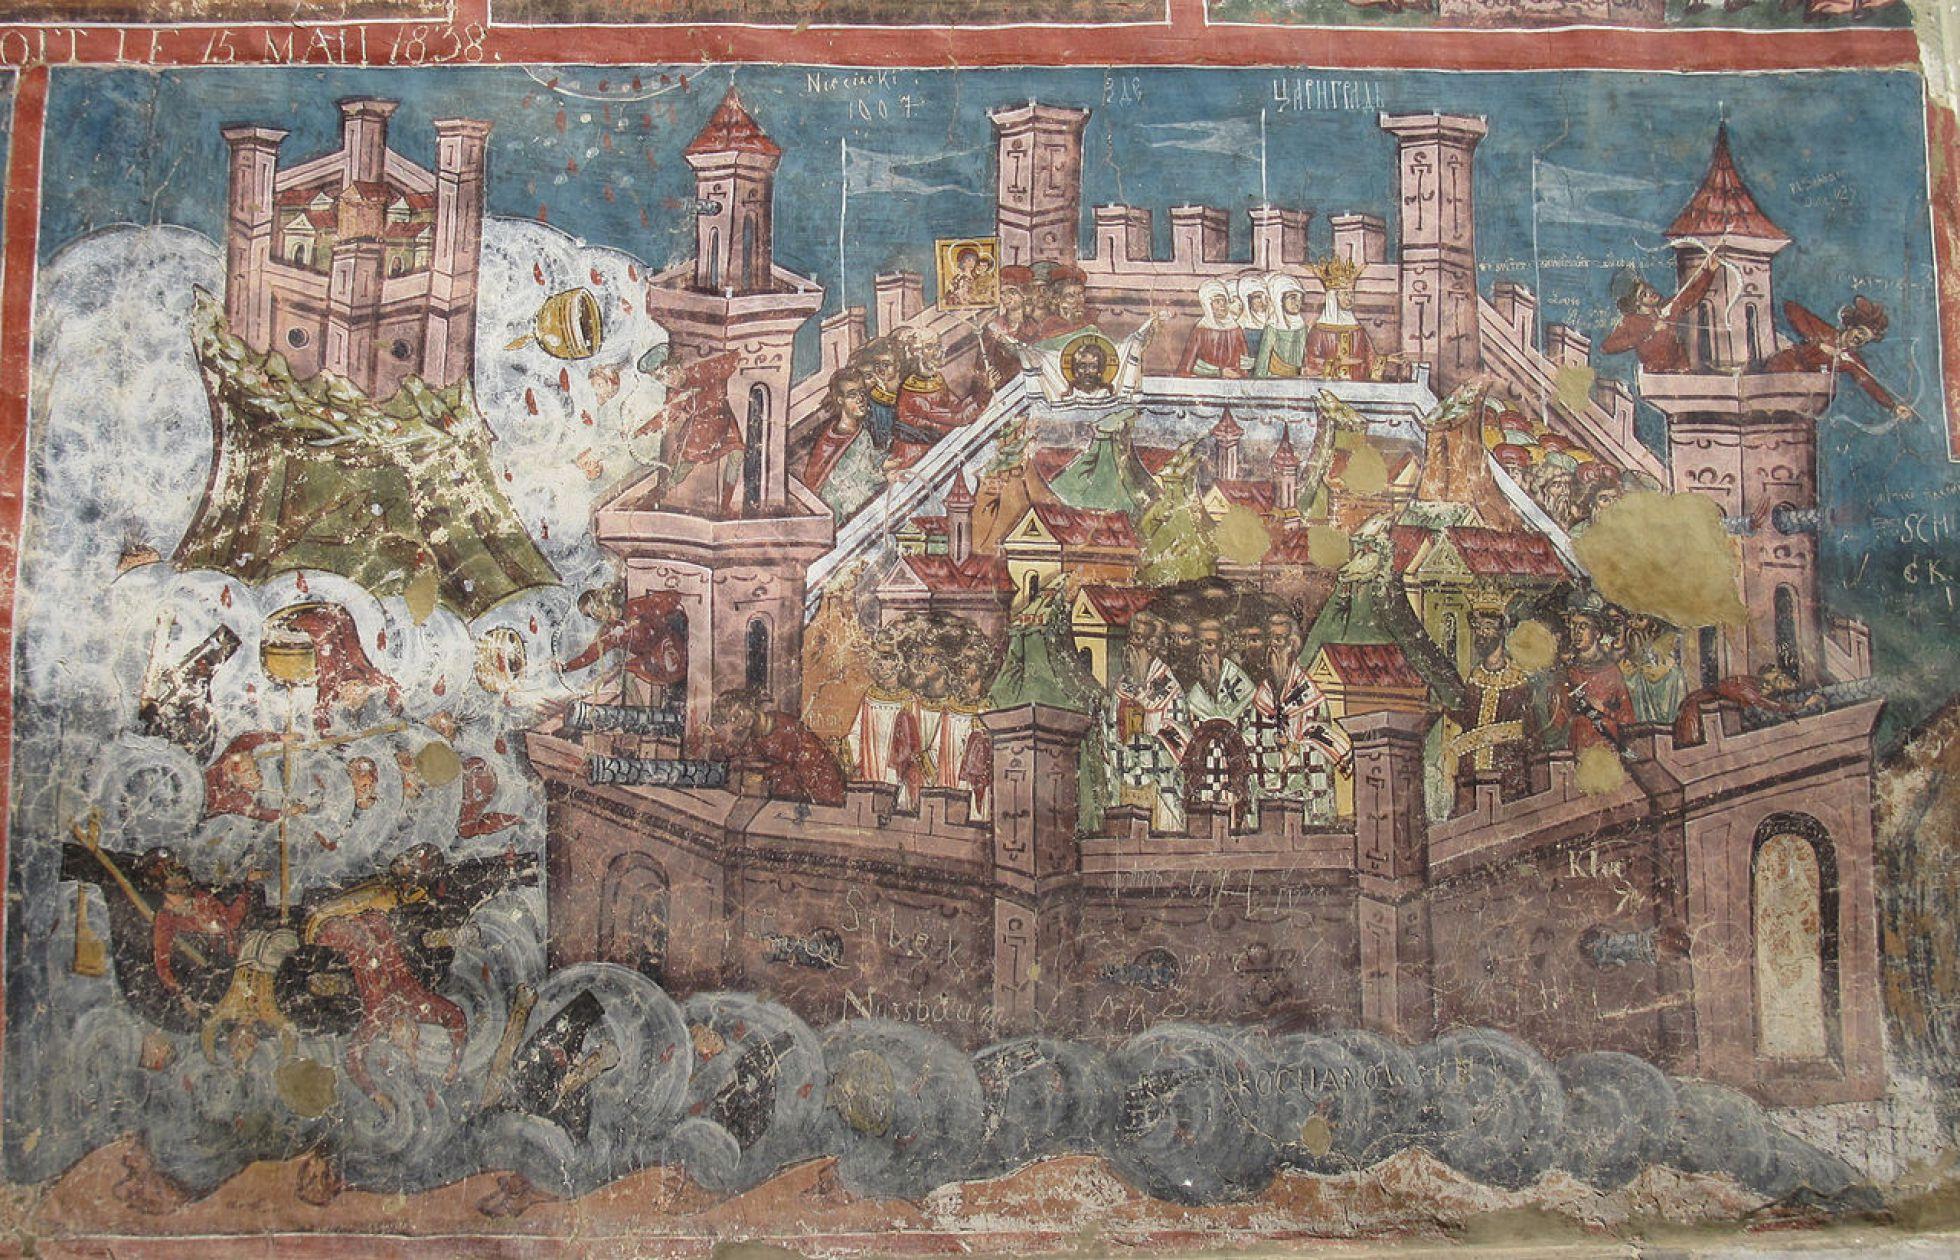 El mural recoge el asedio de Constantinopla en 626 por persas y ávaros, expulsados de las estepas por el hambre y los turcos. Su derrota supuso el fin del imperio persa.